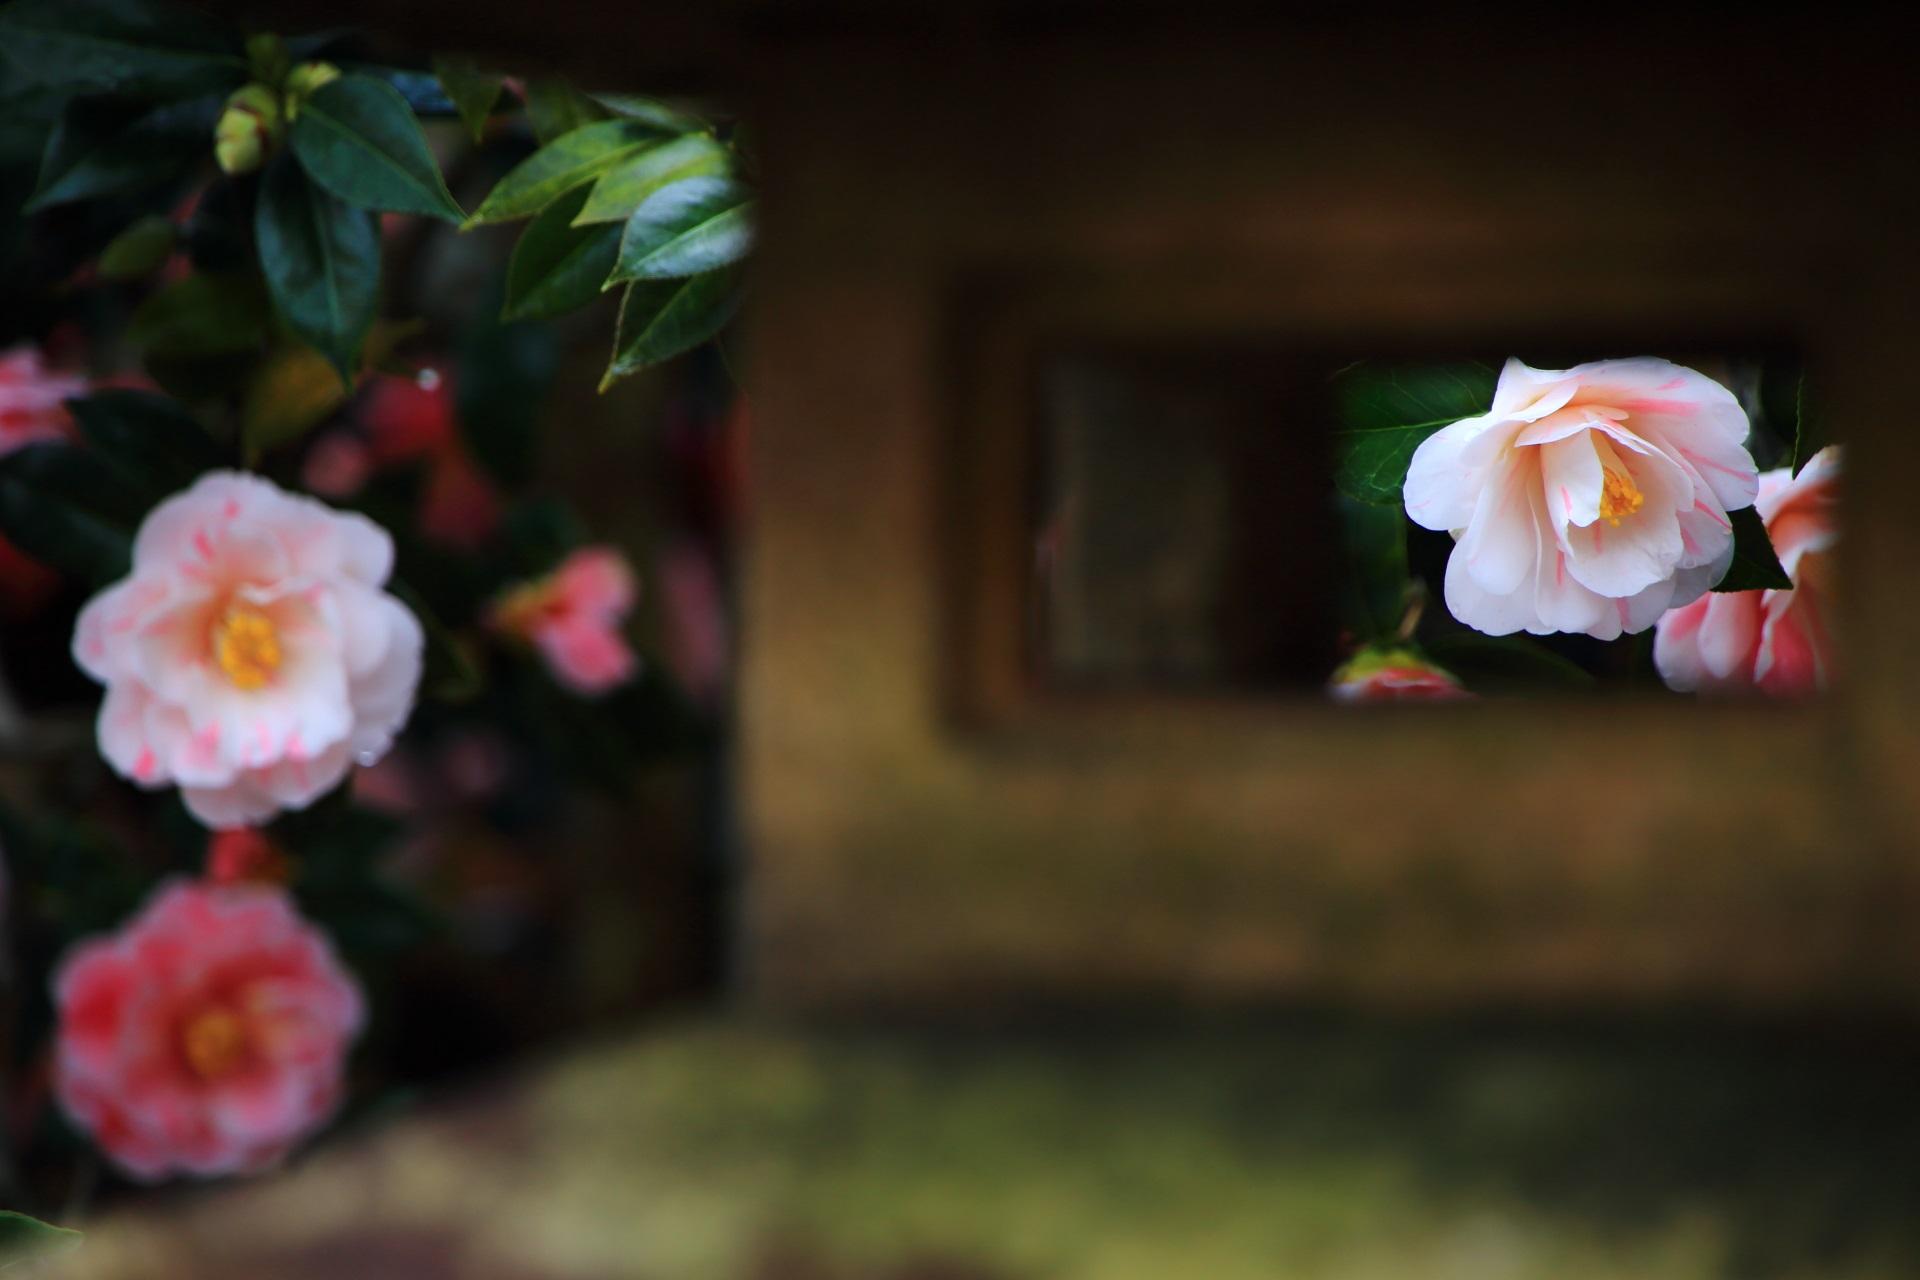 燈籠からのぞく華やかな椿の花